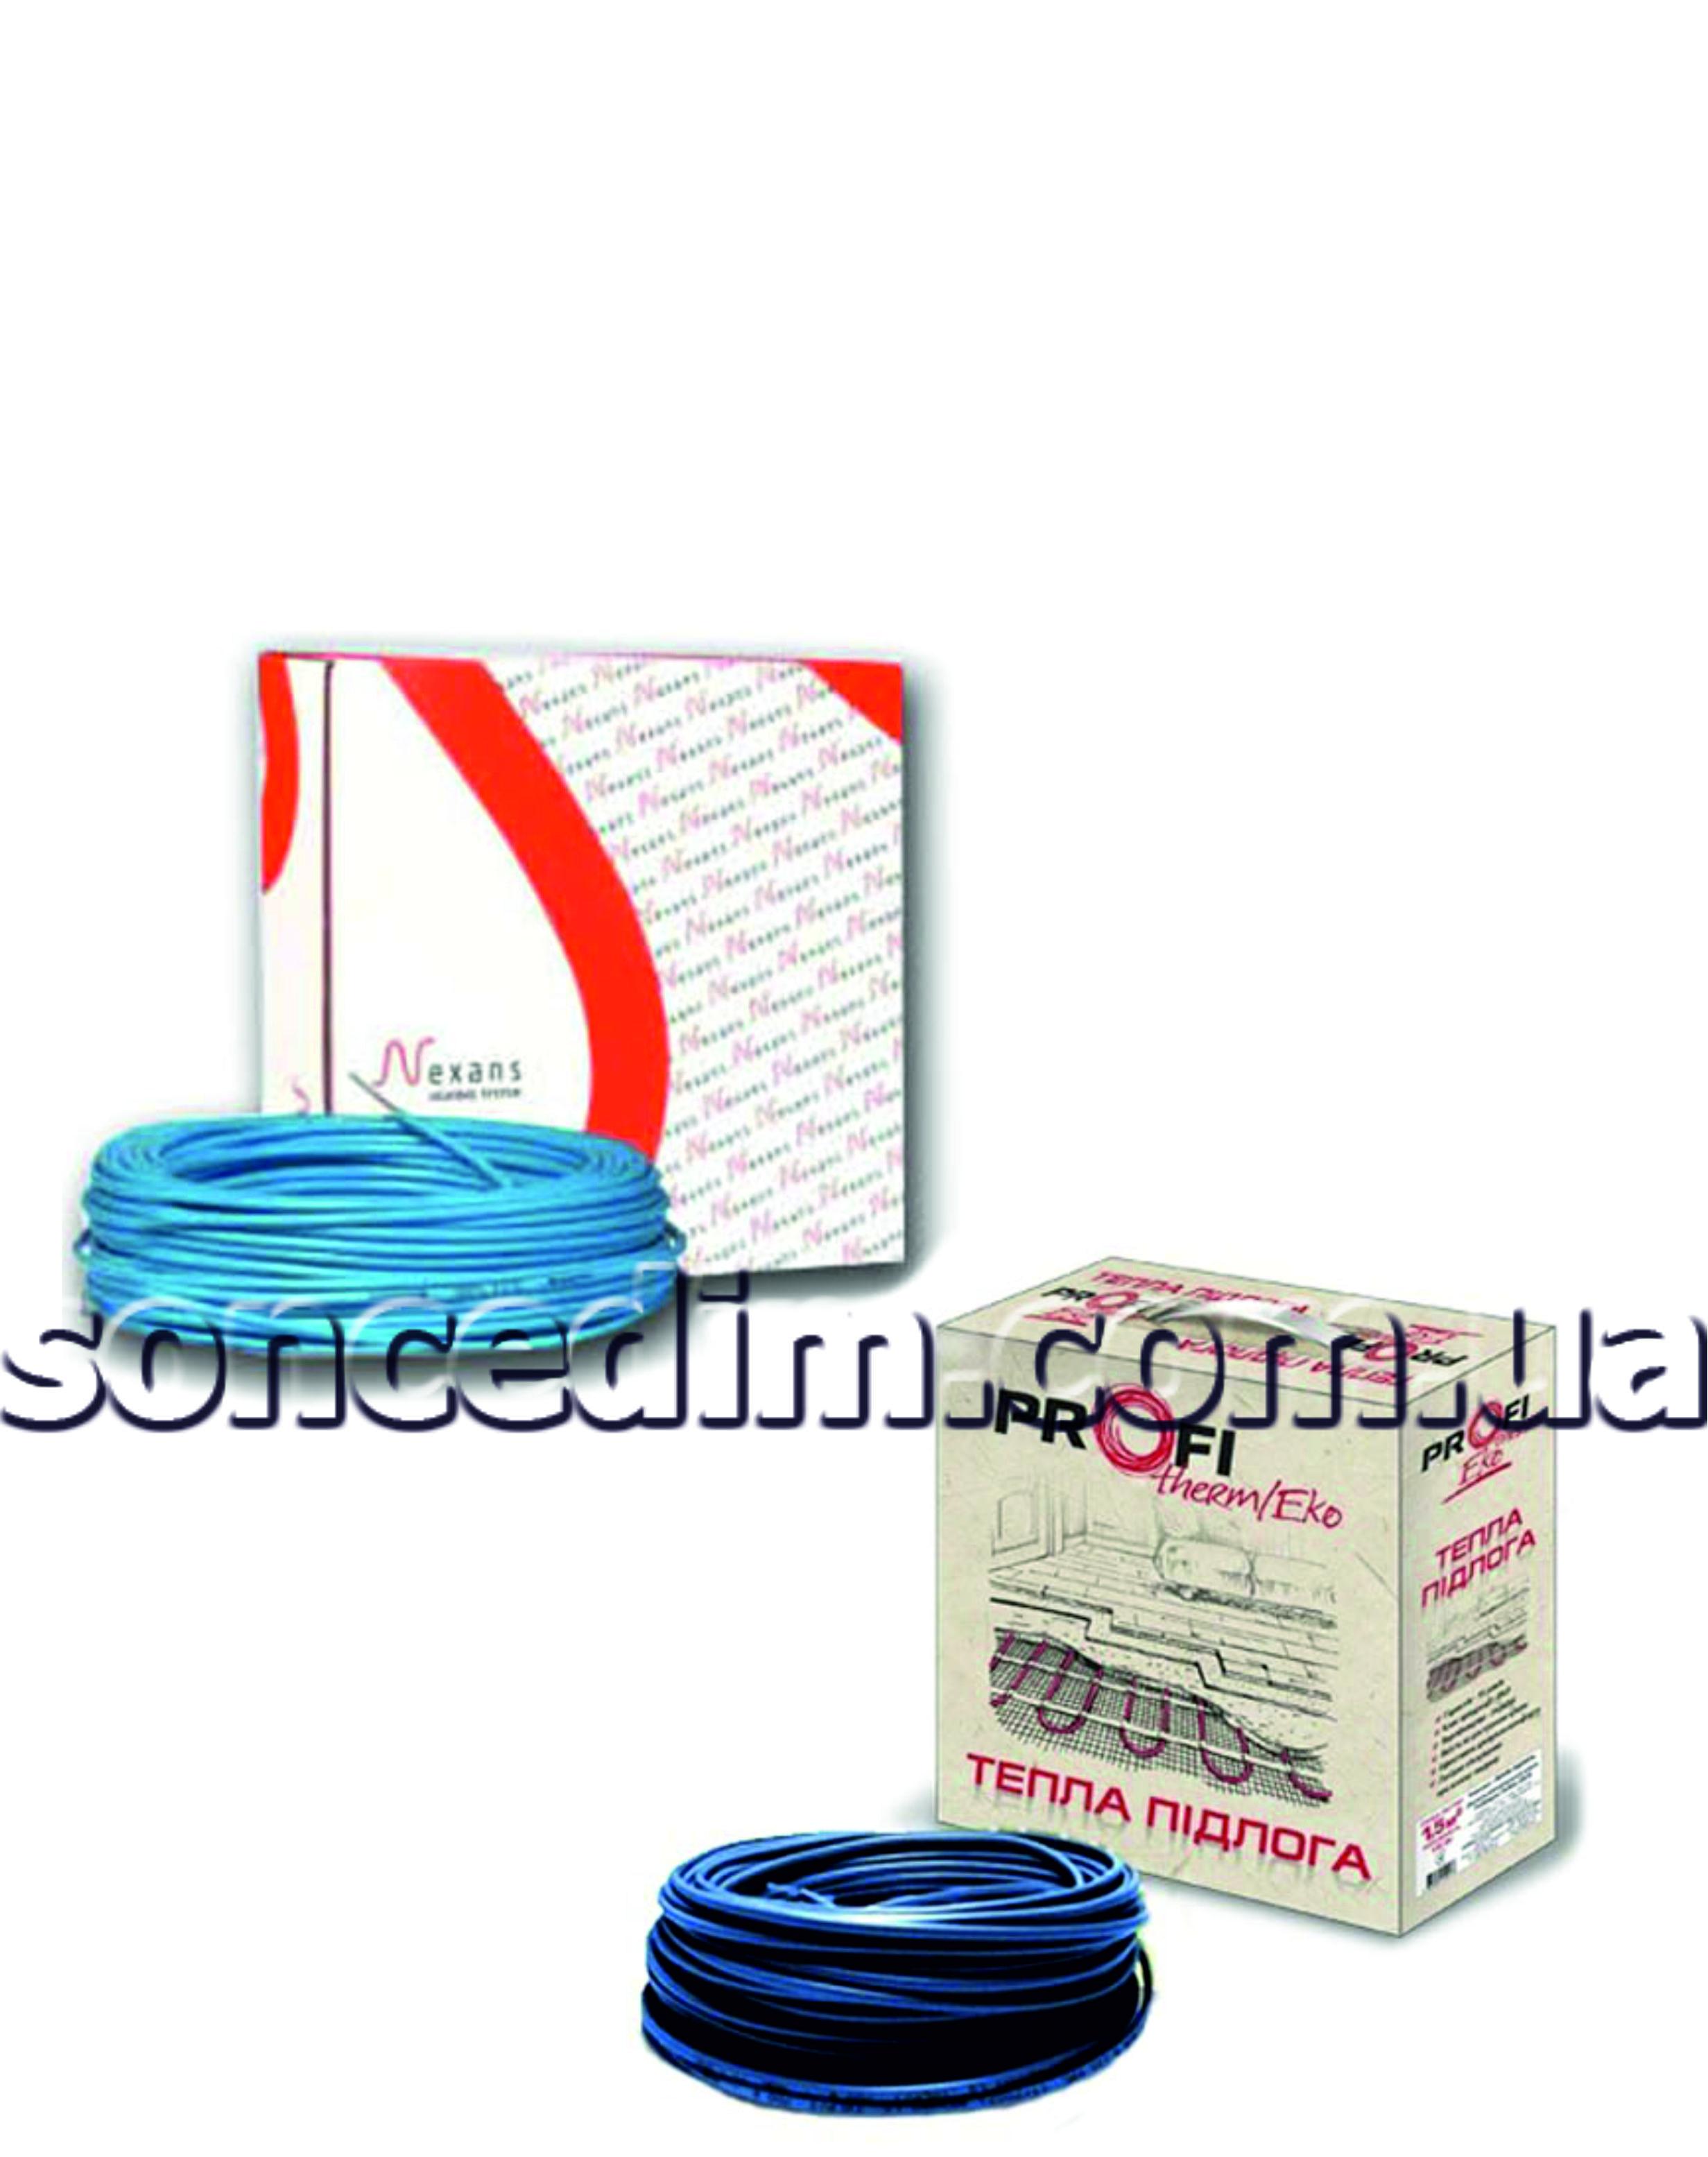 Одножильний нагрівальний кабель для антикригових систем та систем сніготанення з безмуфотовим з'єднанням та захисною алюмінієвою трубкою